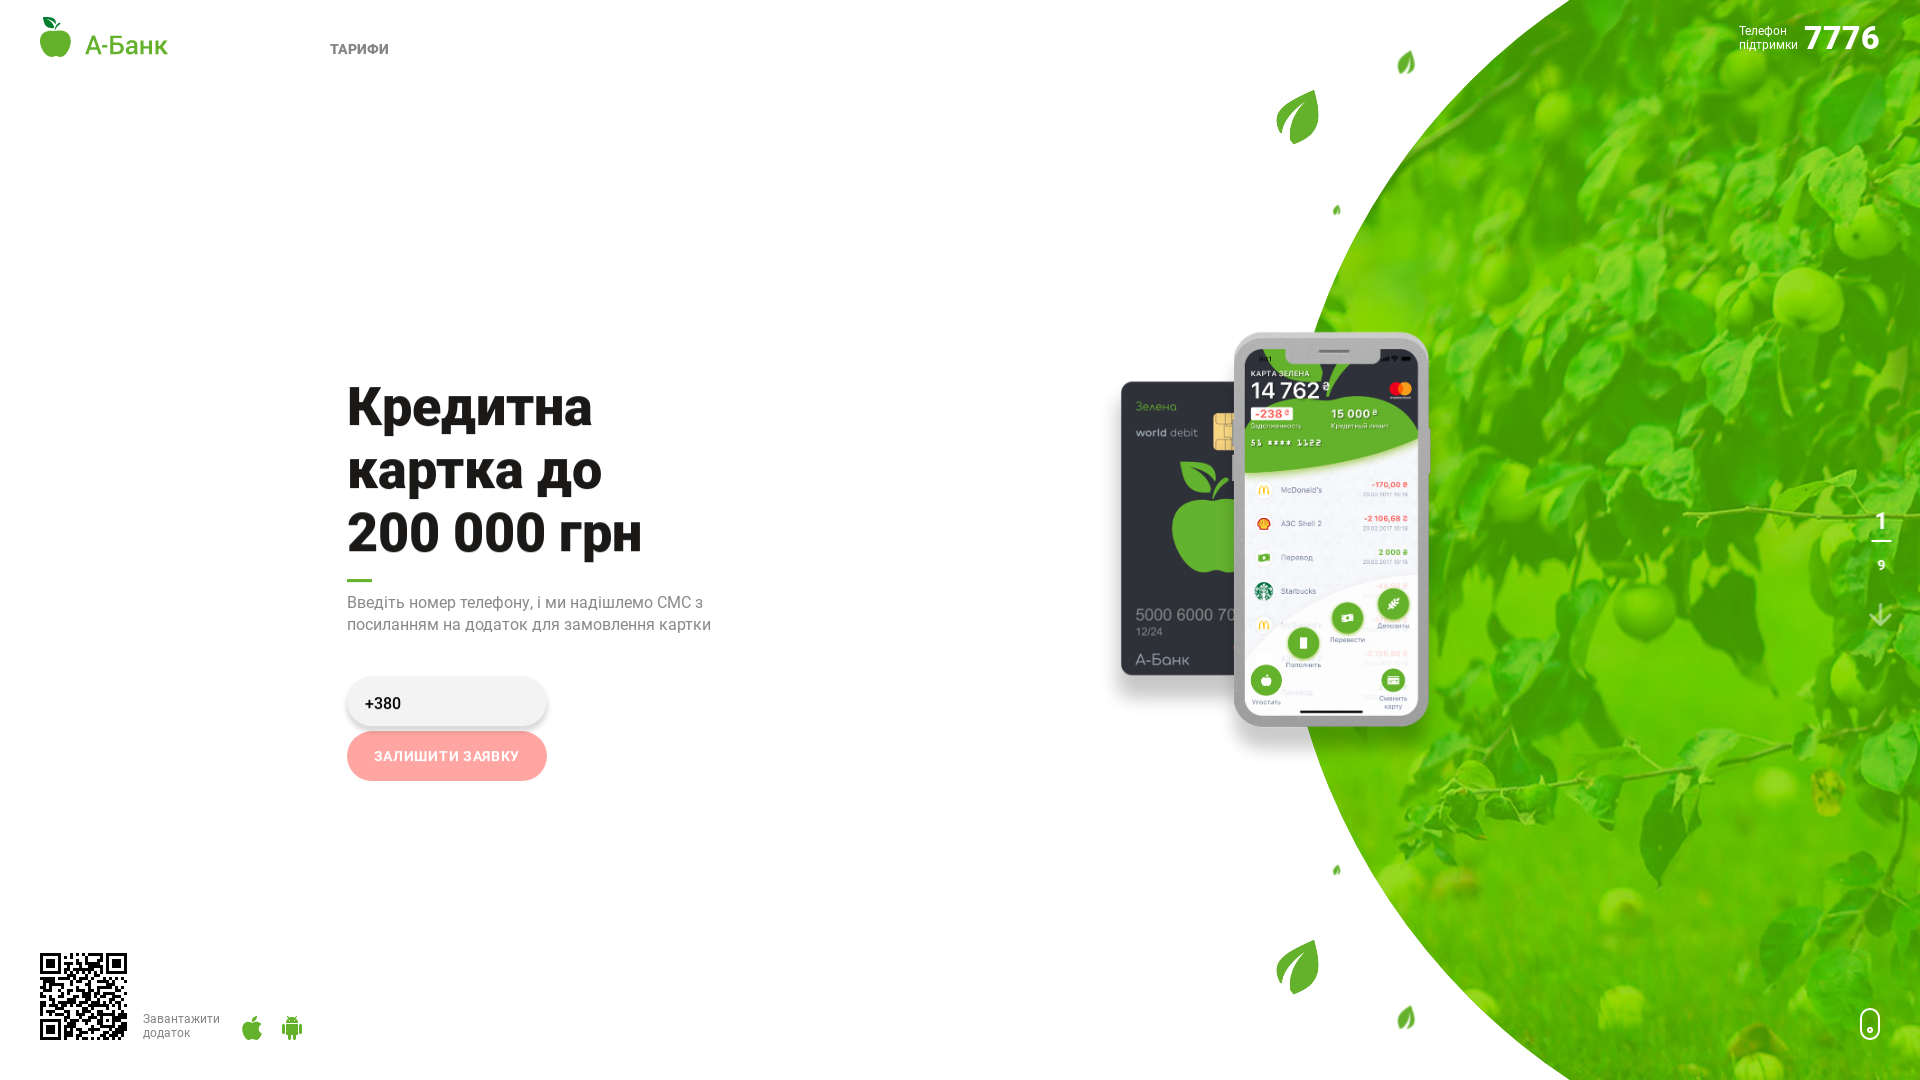 А-Банк UA website